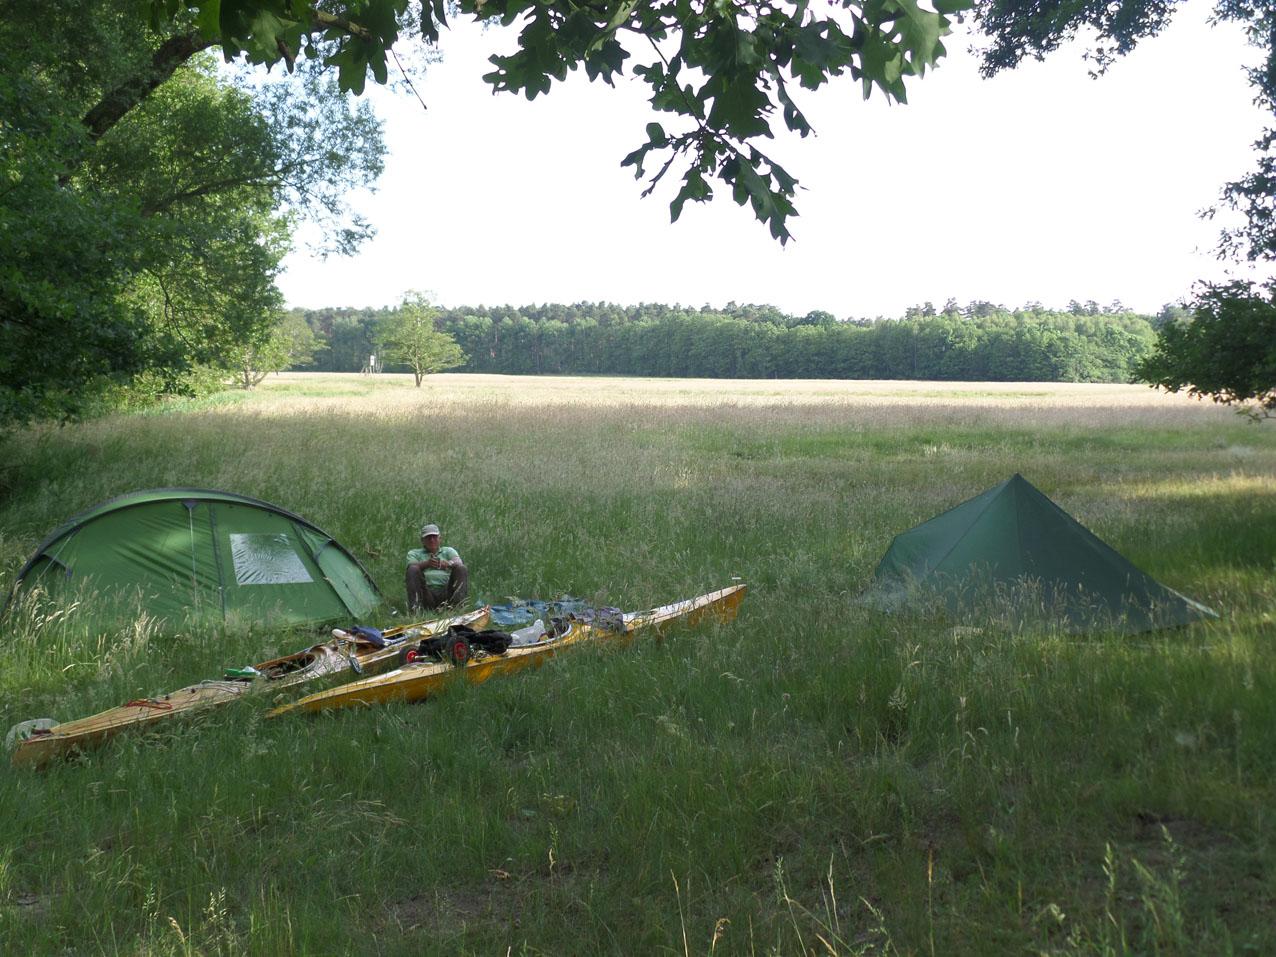 Wildkamperen vlak voor Briescht. Een prachtige plek